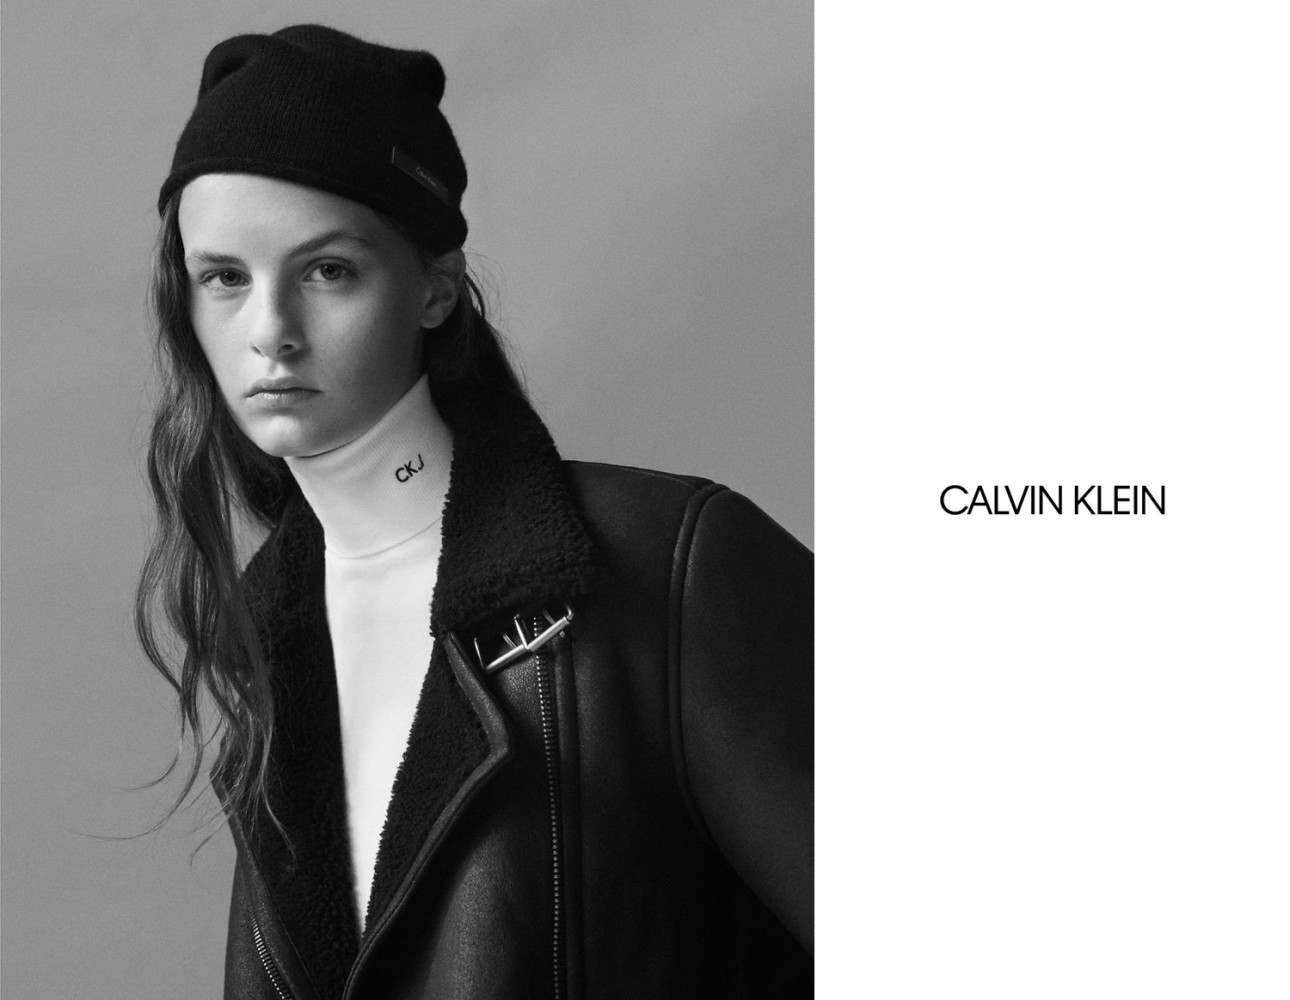 Lea Holzfuss - Willy Vanderperre - Calvin Klein